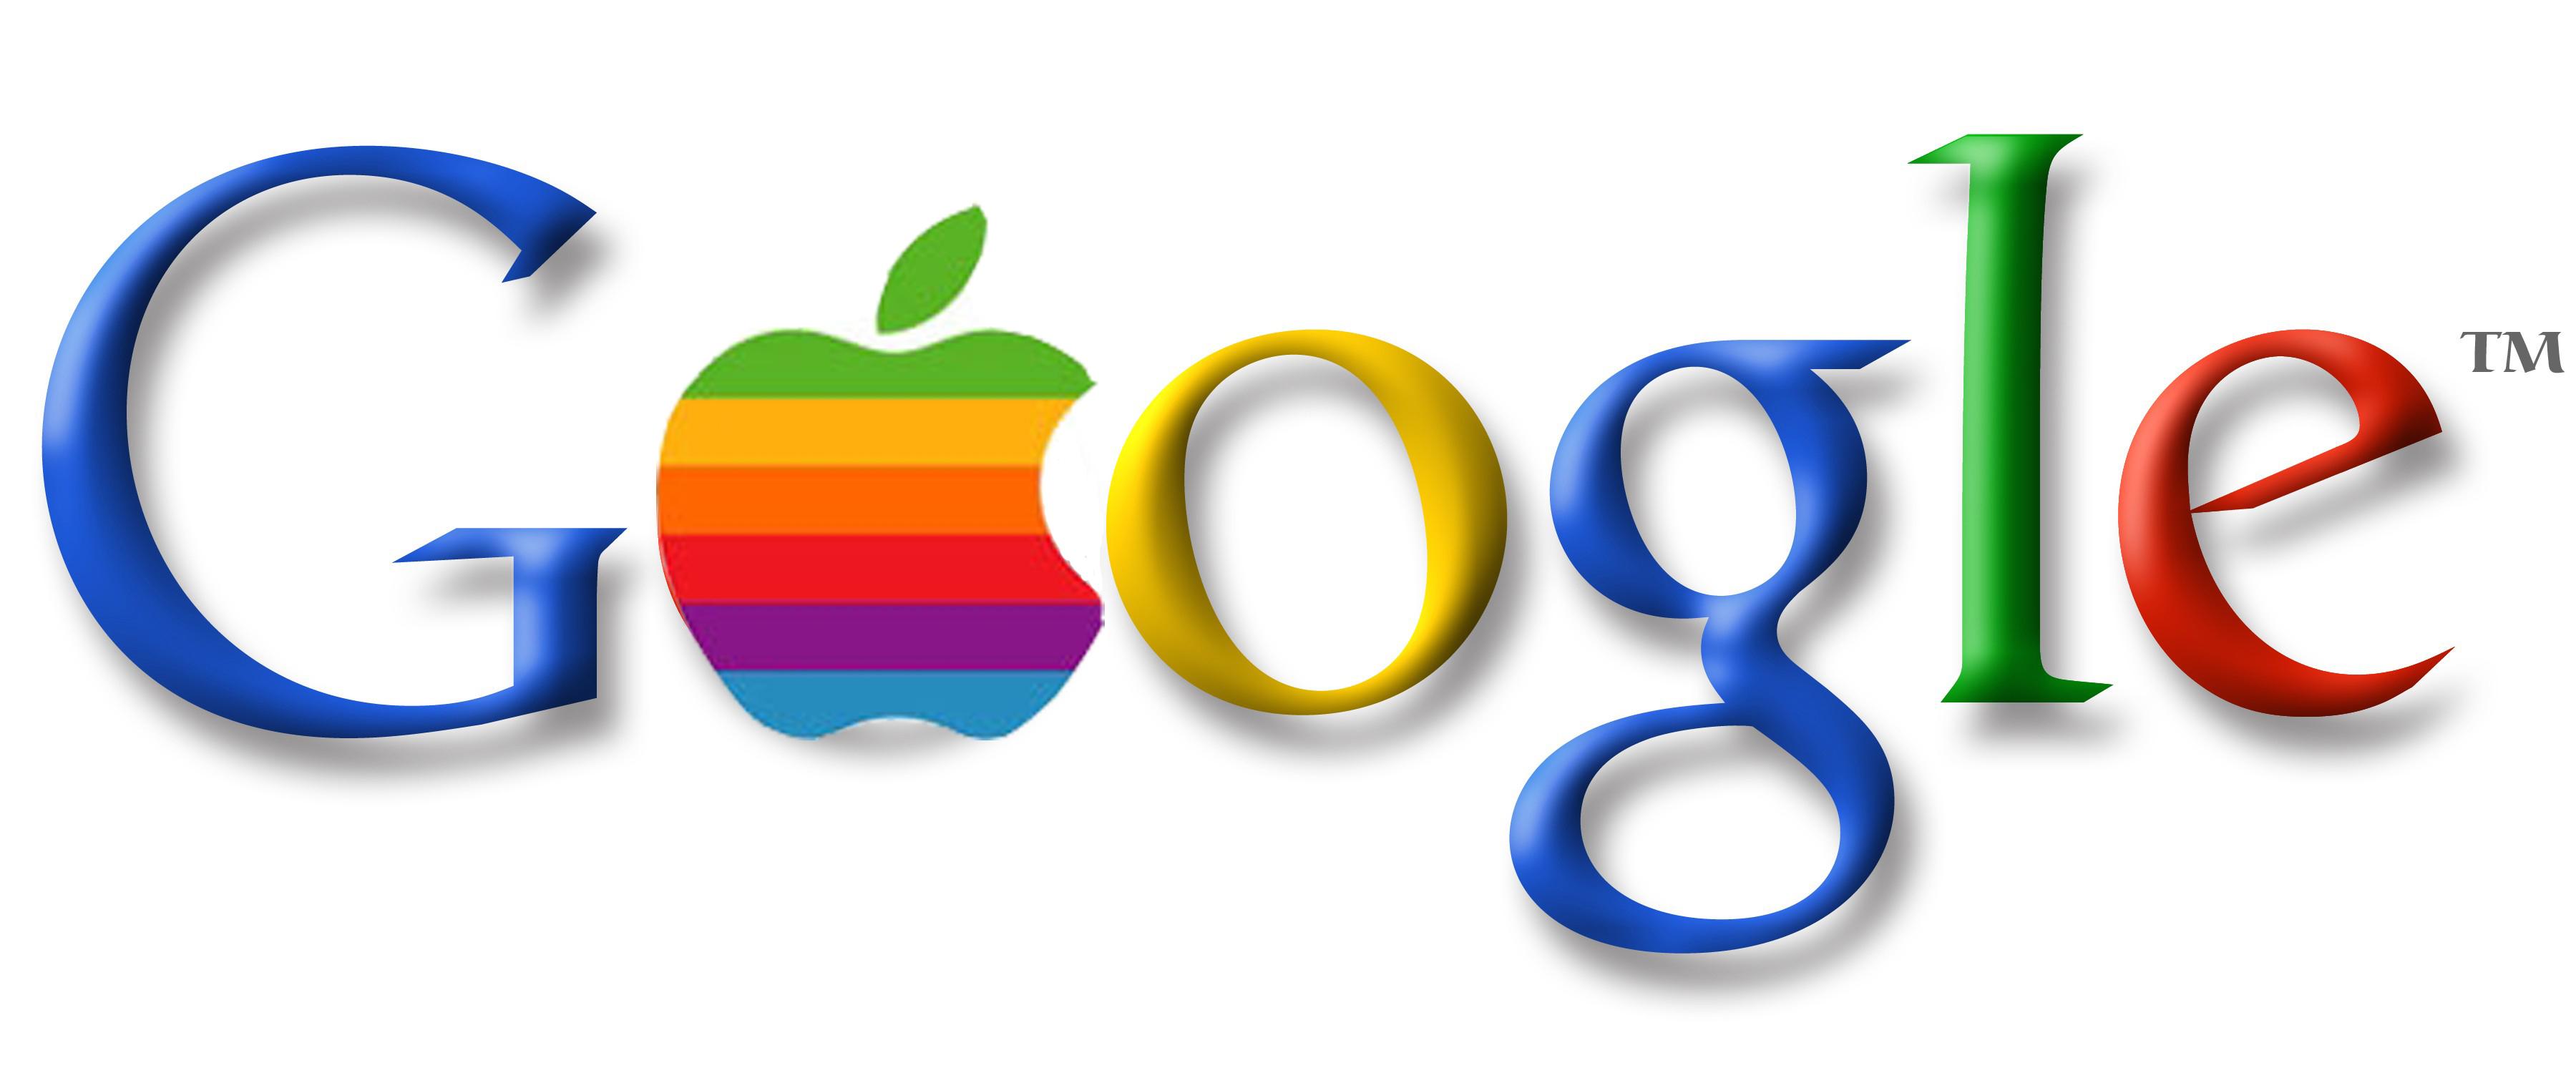 Google正在从里到外慢慢啃噬Apple插图